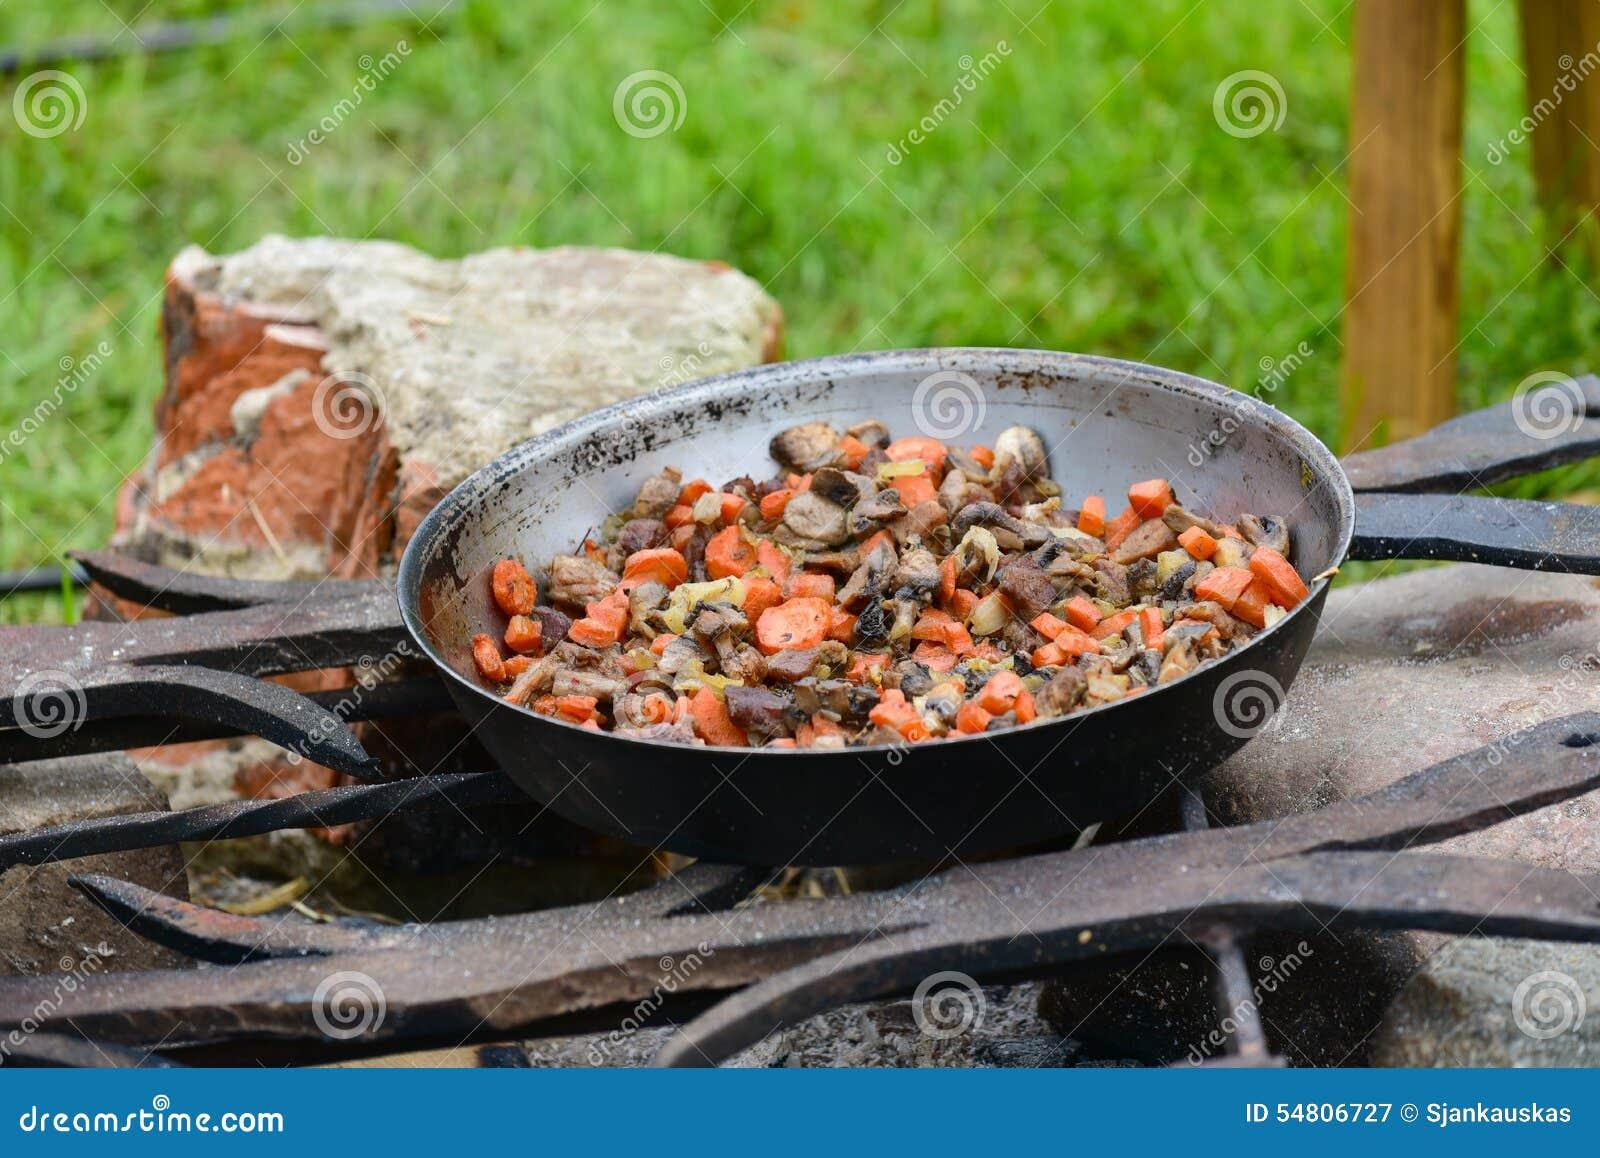 Kulinarny jedzenie na ogieniu